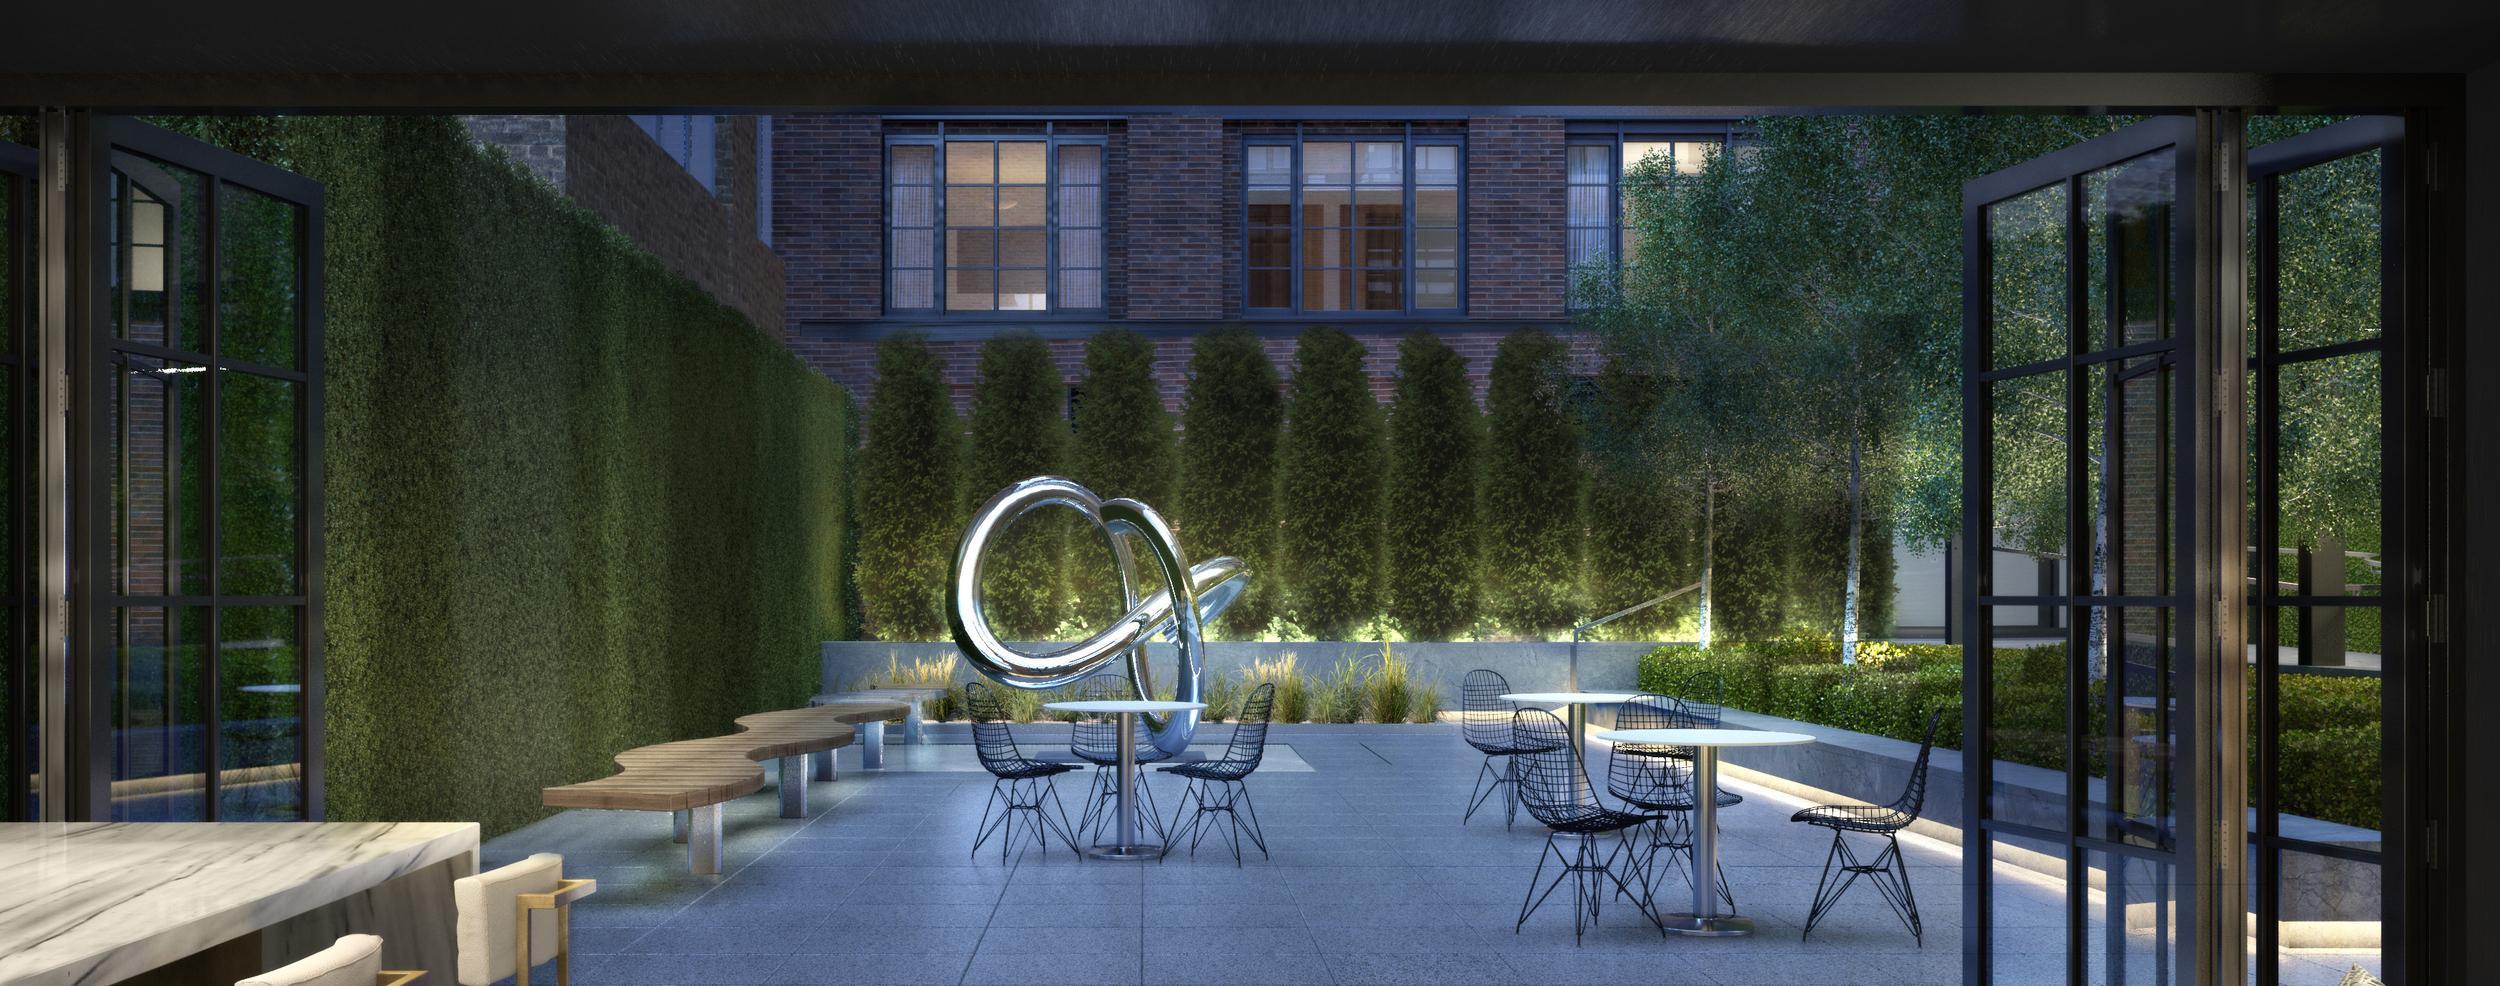 CROP_Courtyard-Lounge_06-NOPPL.jpg